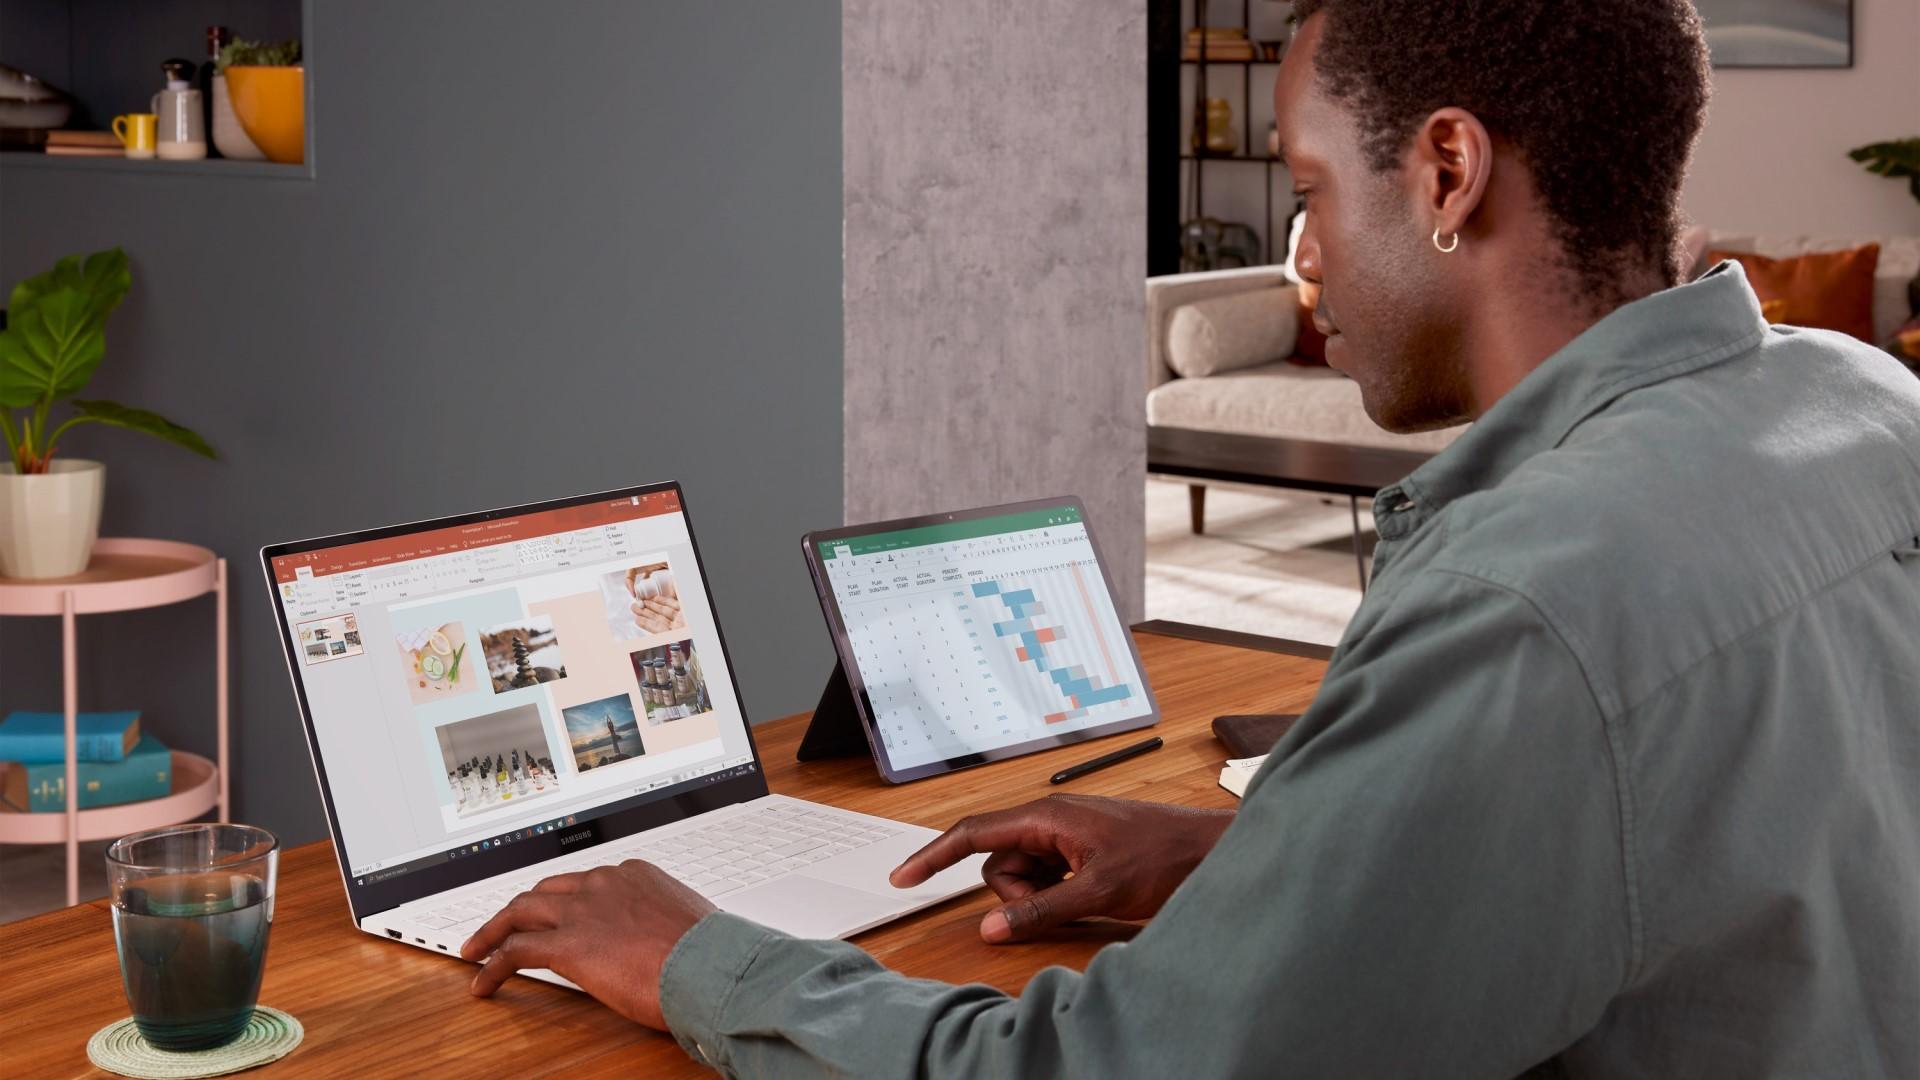 Hombre sentado en el escritorio con ordenador portátil y tableta para trabajar